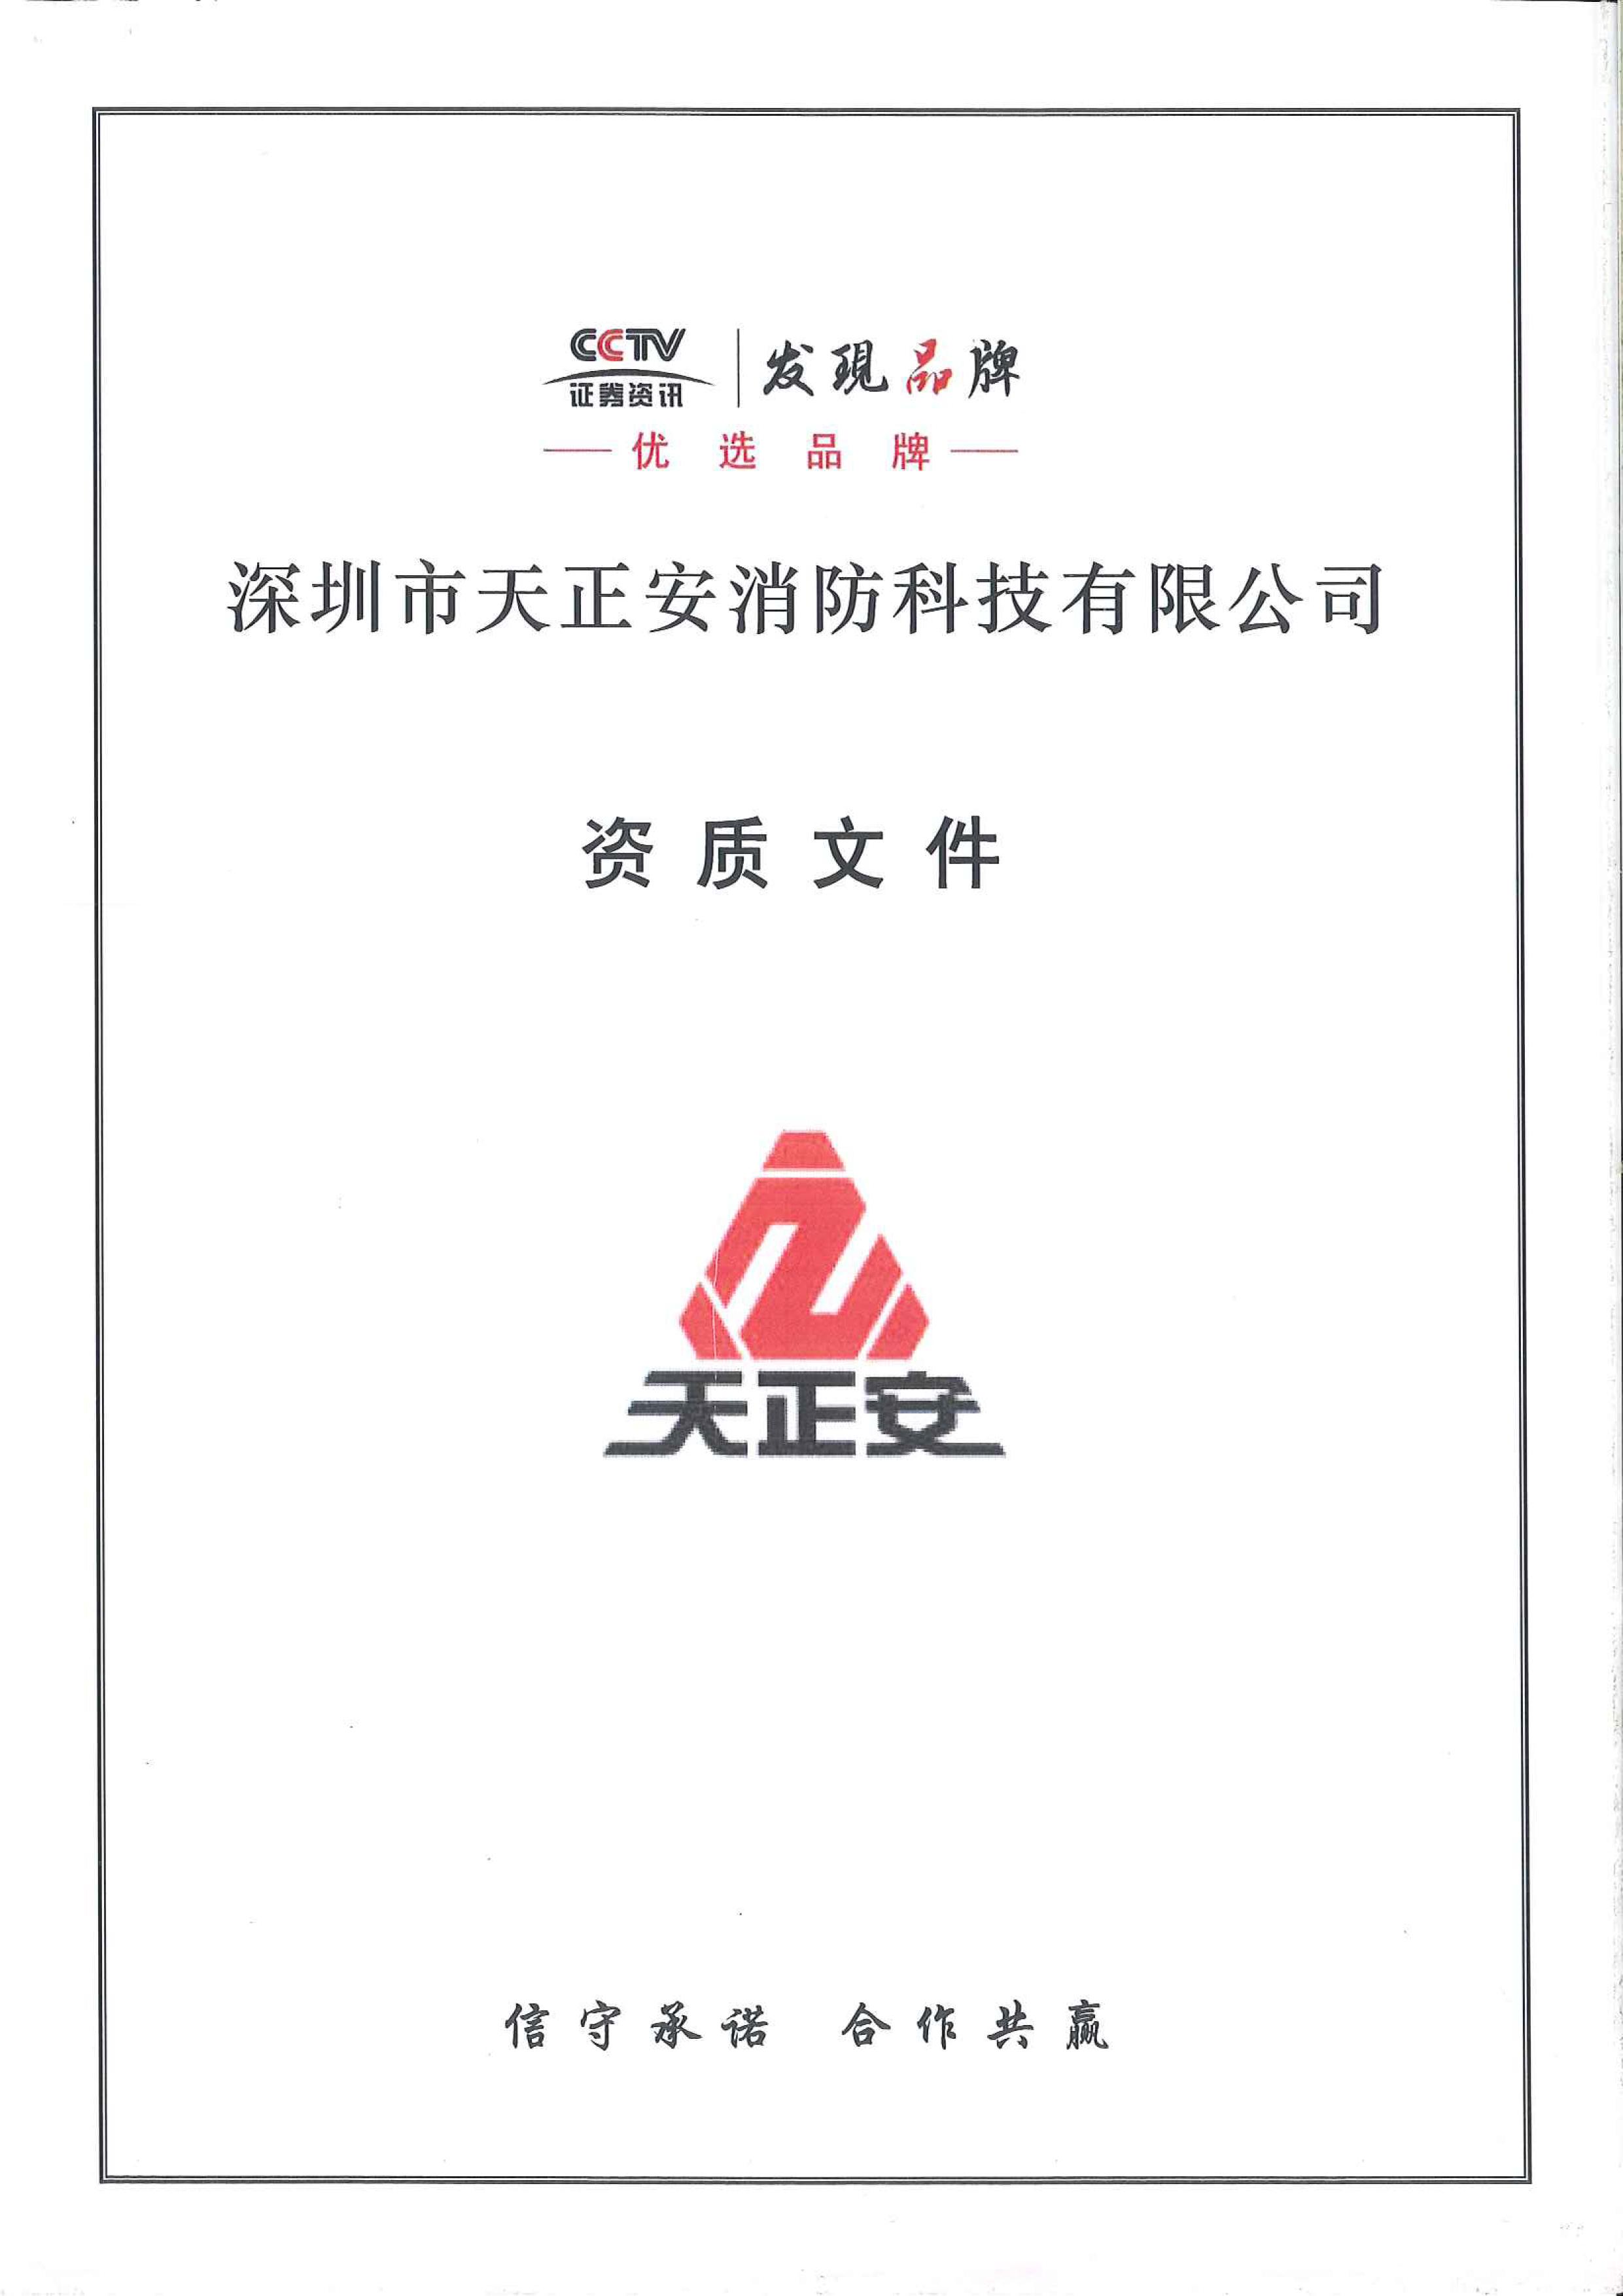 天正安消防资质文件2018-1